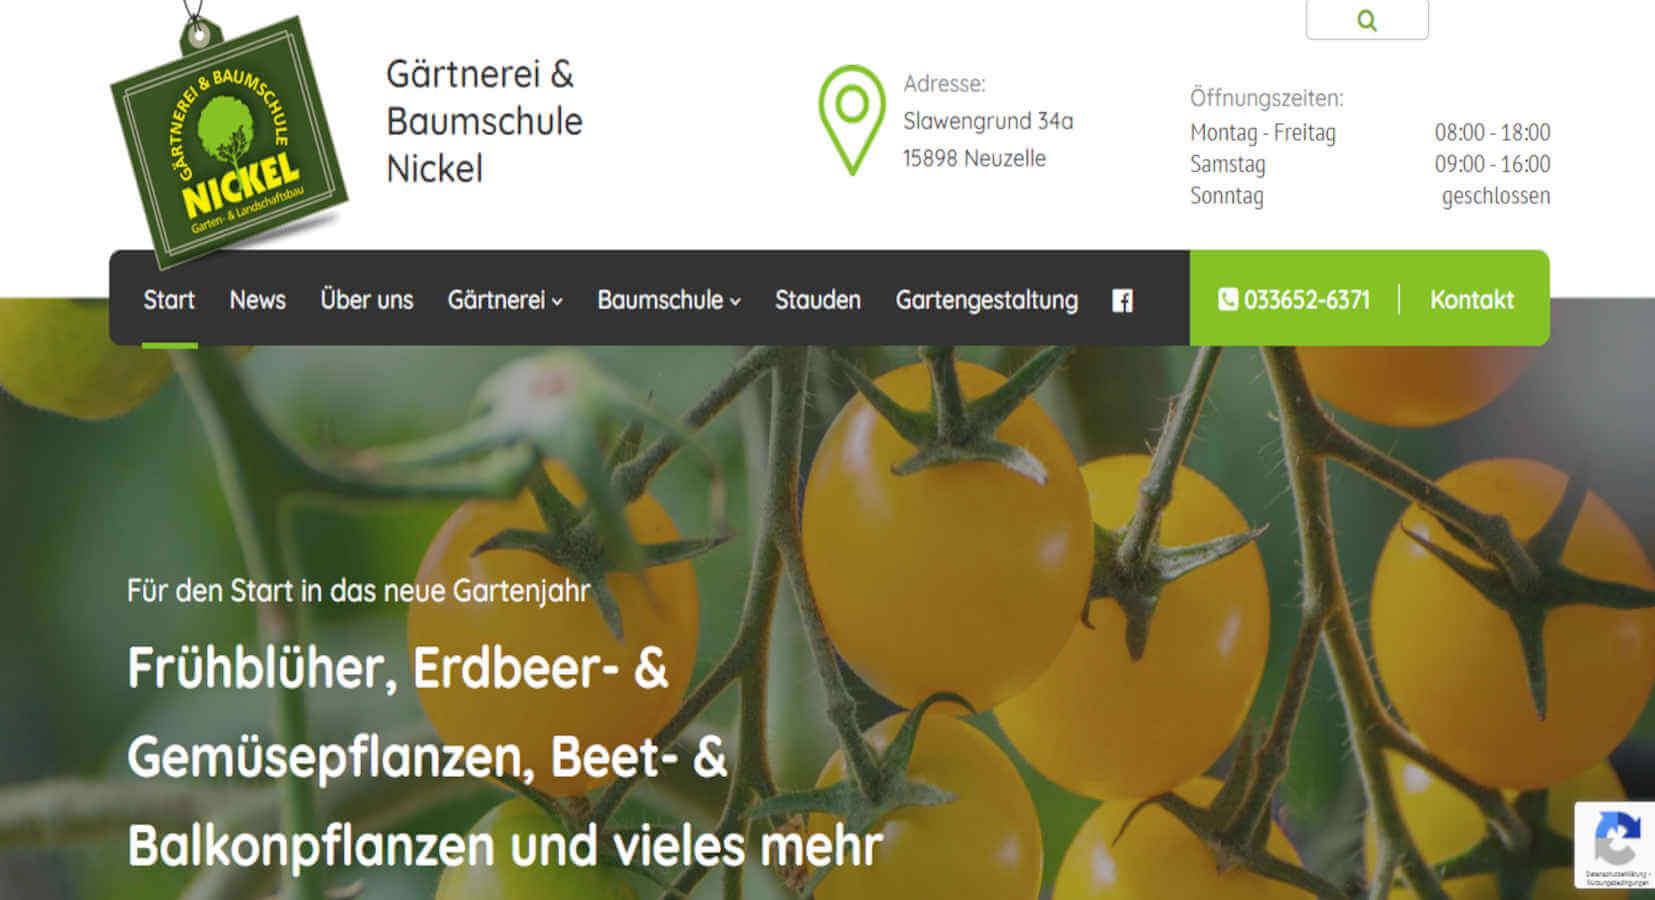 Gärtnerei & Baumschule Nickel